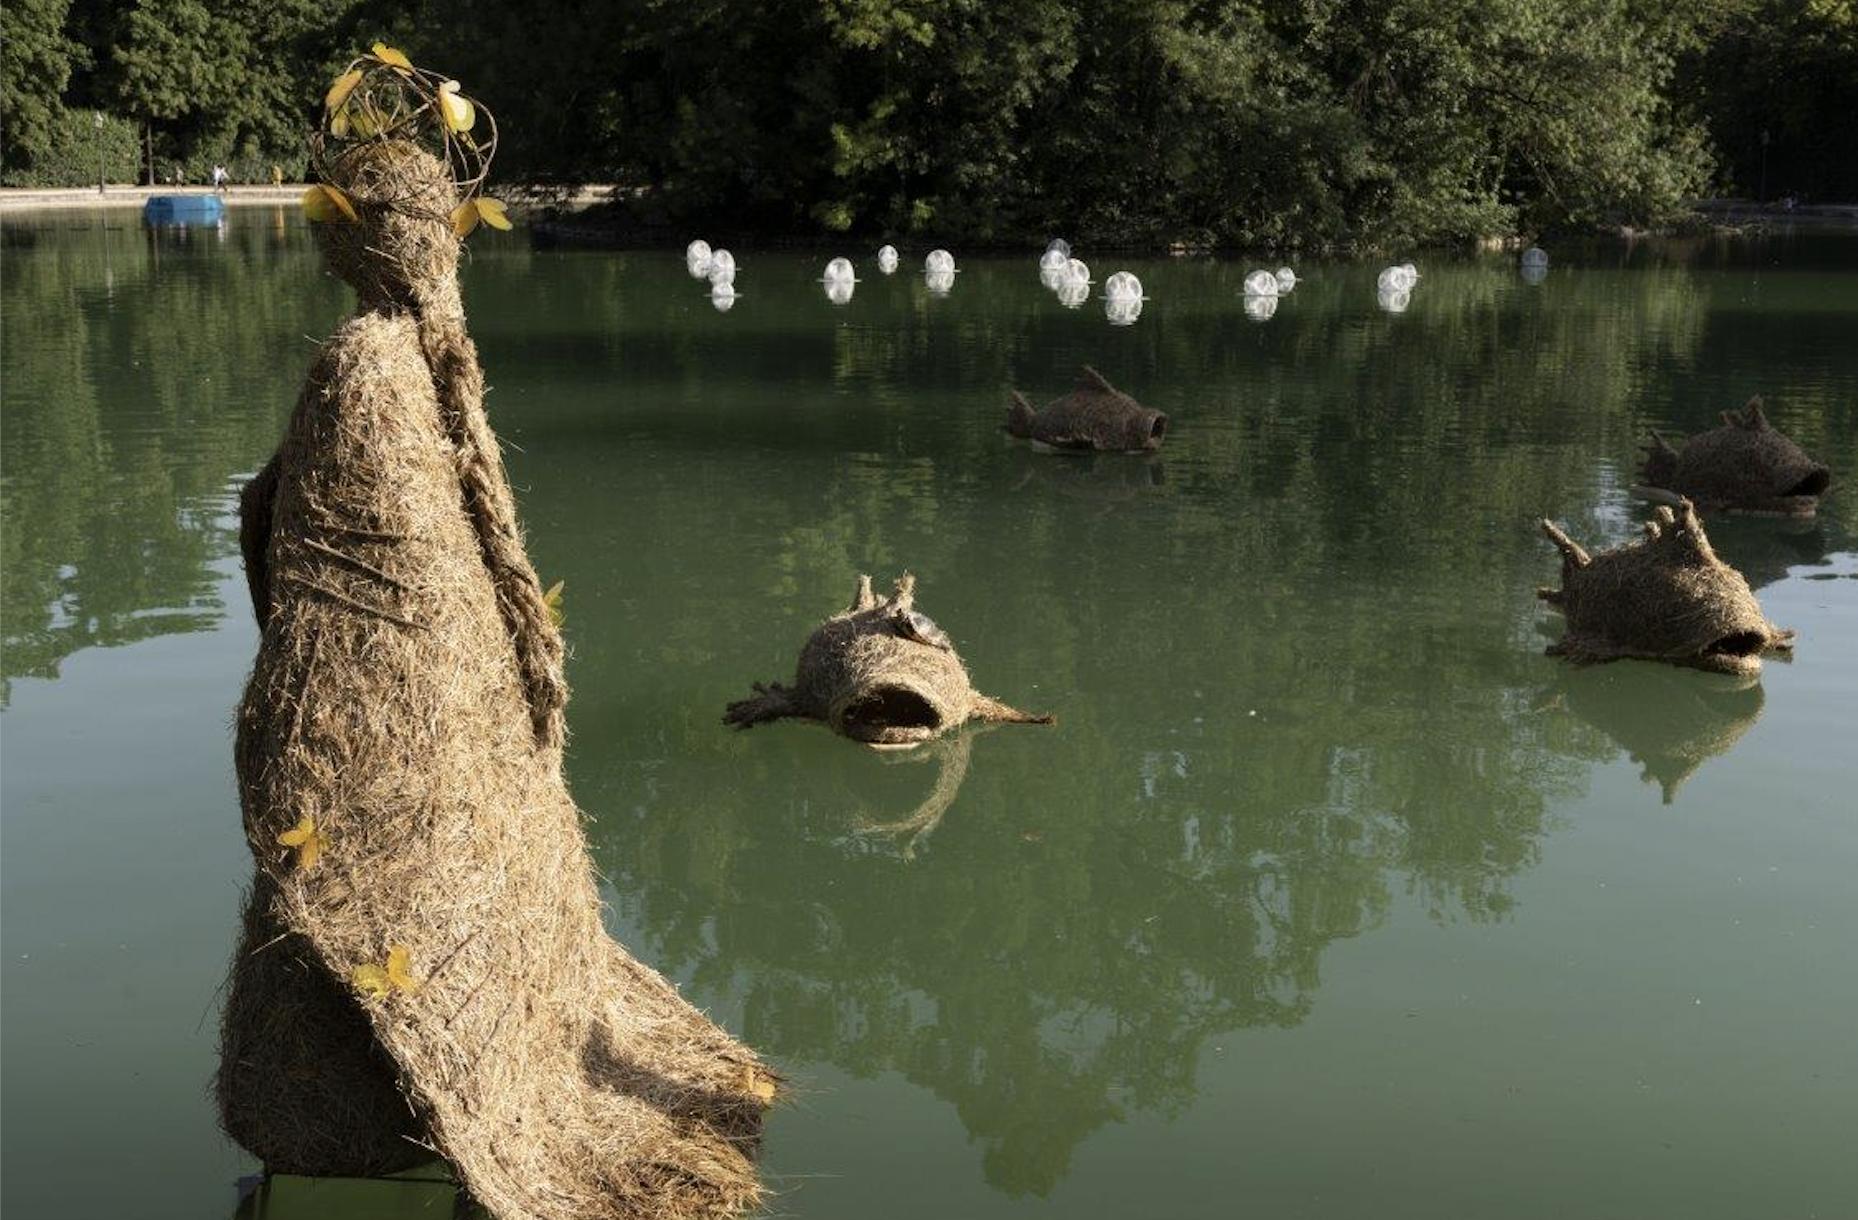 Da Venezia a Parma, otto installazioni di Water art. L'arte per valorizzare l'ambiente